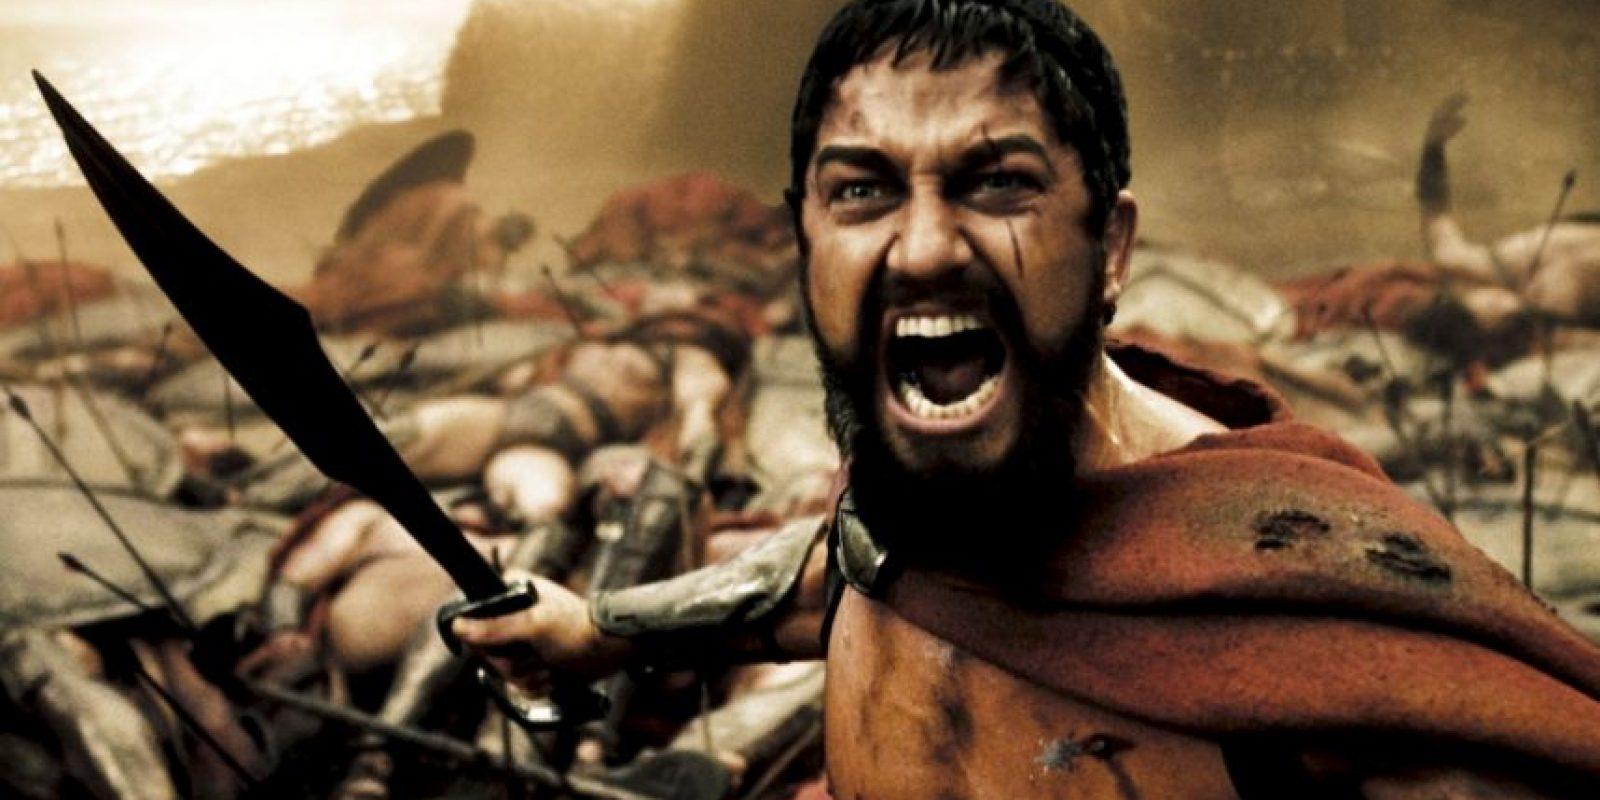 El macho: Peleón, neandertal y básico. Foto:Legendary